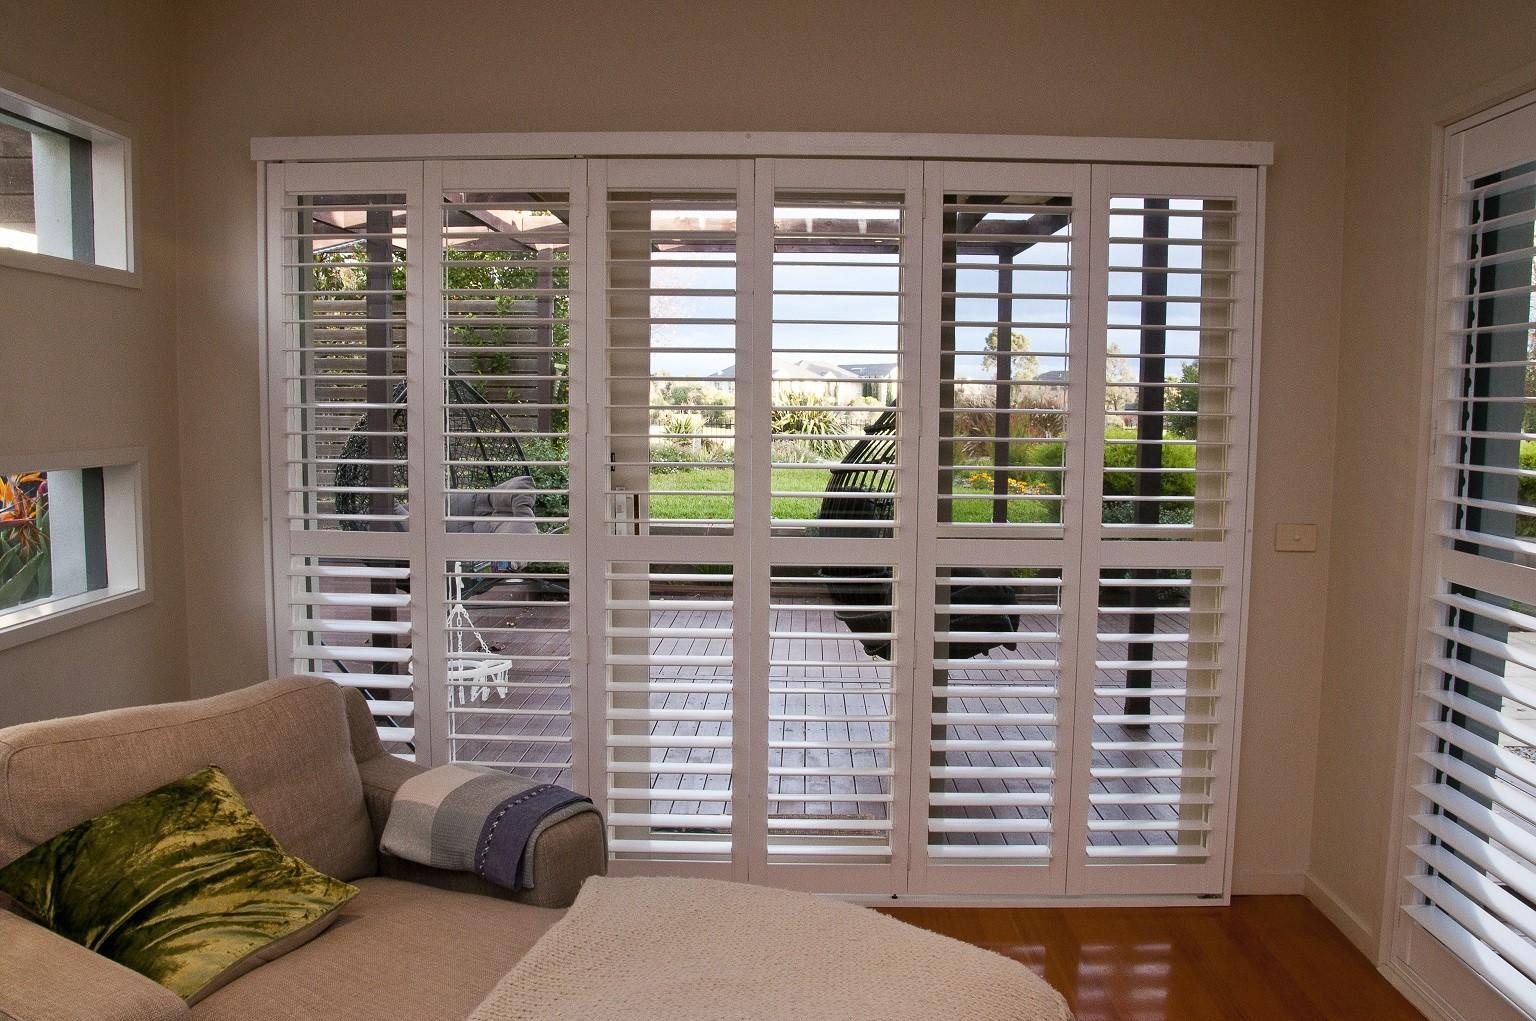 Diy plantation shutters custom made timber pvc aluminium direct